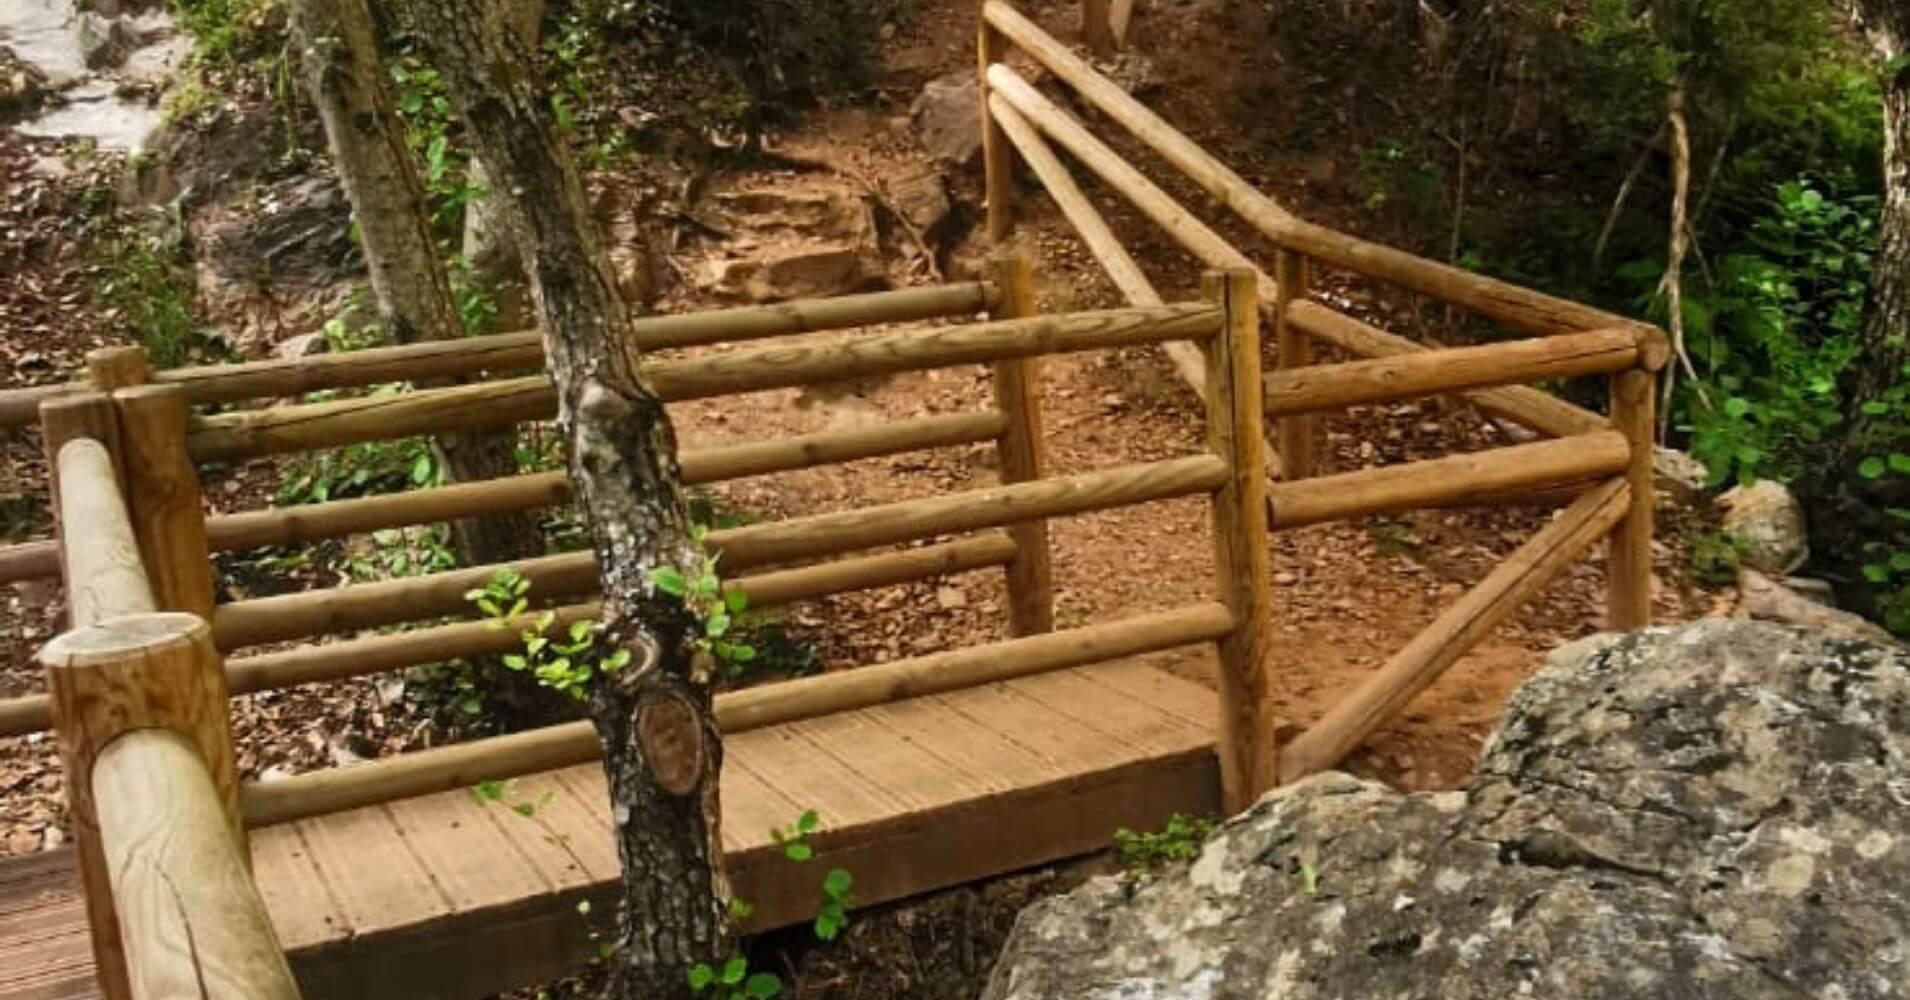 Pasarelas y Puentes de la Subida a la Cascada y Abrigo de La Batanera. Fuencaliente, Ciudad Real.